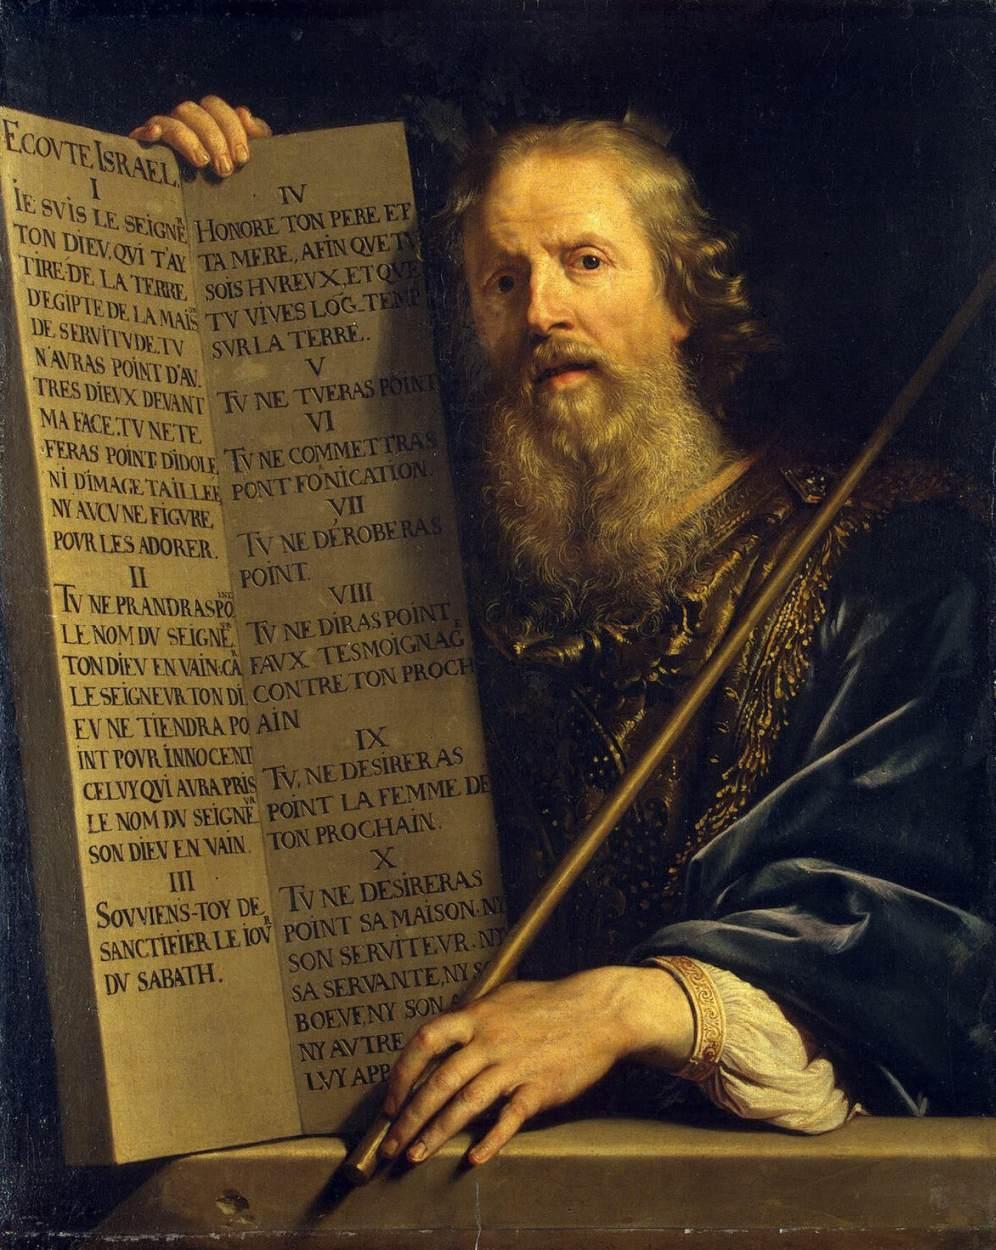 Mojżesz wśród chrześcijan uznawany jest za świętego proroka, to on miał poprowadzić Izraelitów z Egiptu do Ziemii Obiecanej (fot. obraz autorstwa Philippe de Champaigne / Wikimedia.org / Domena publiczna)